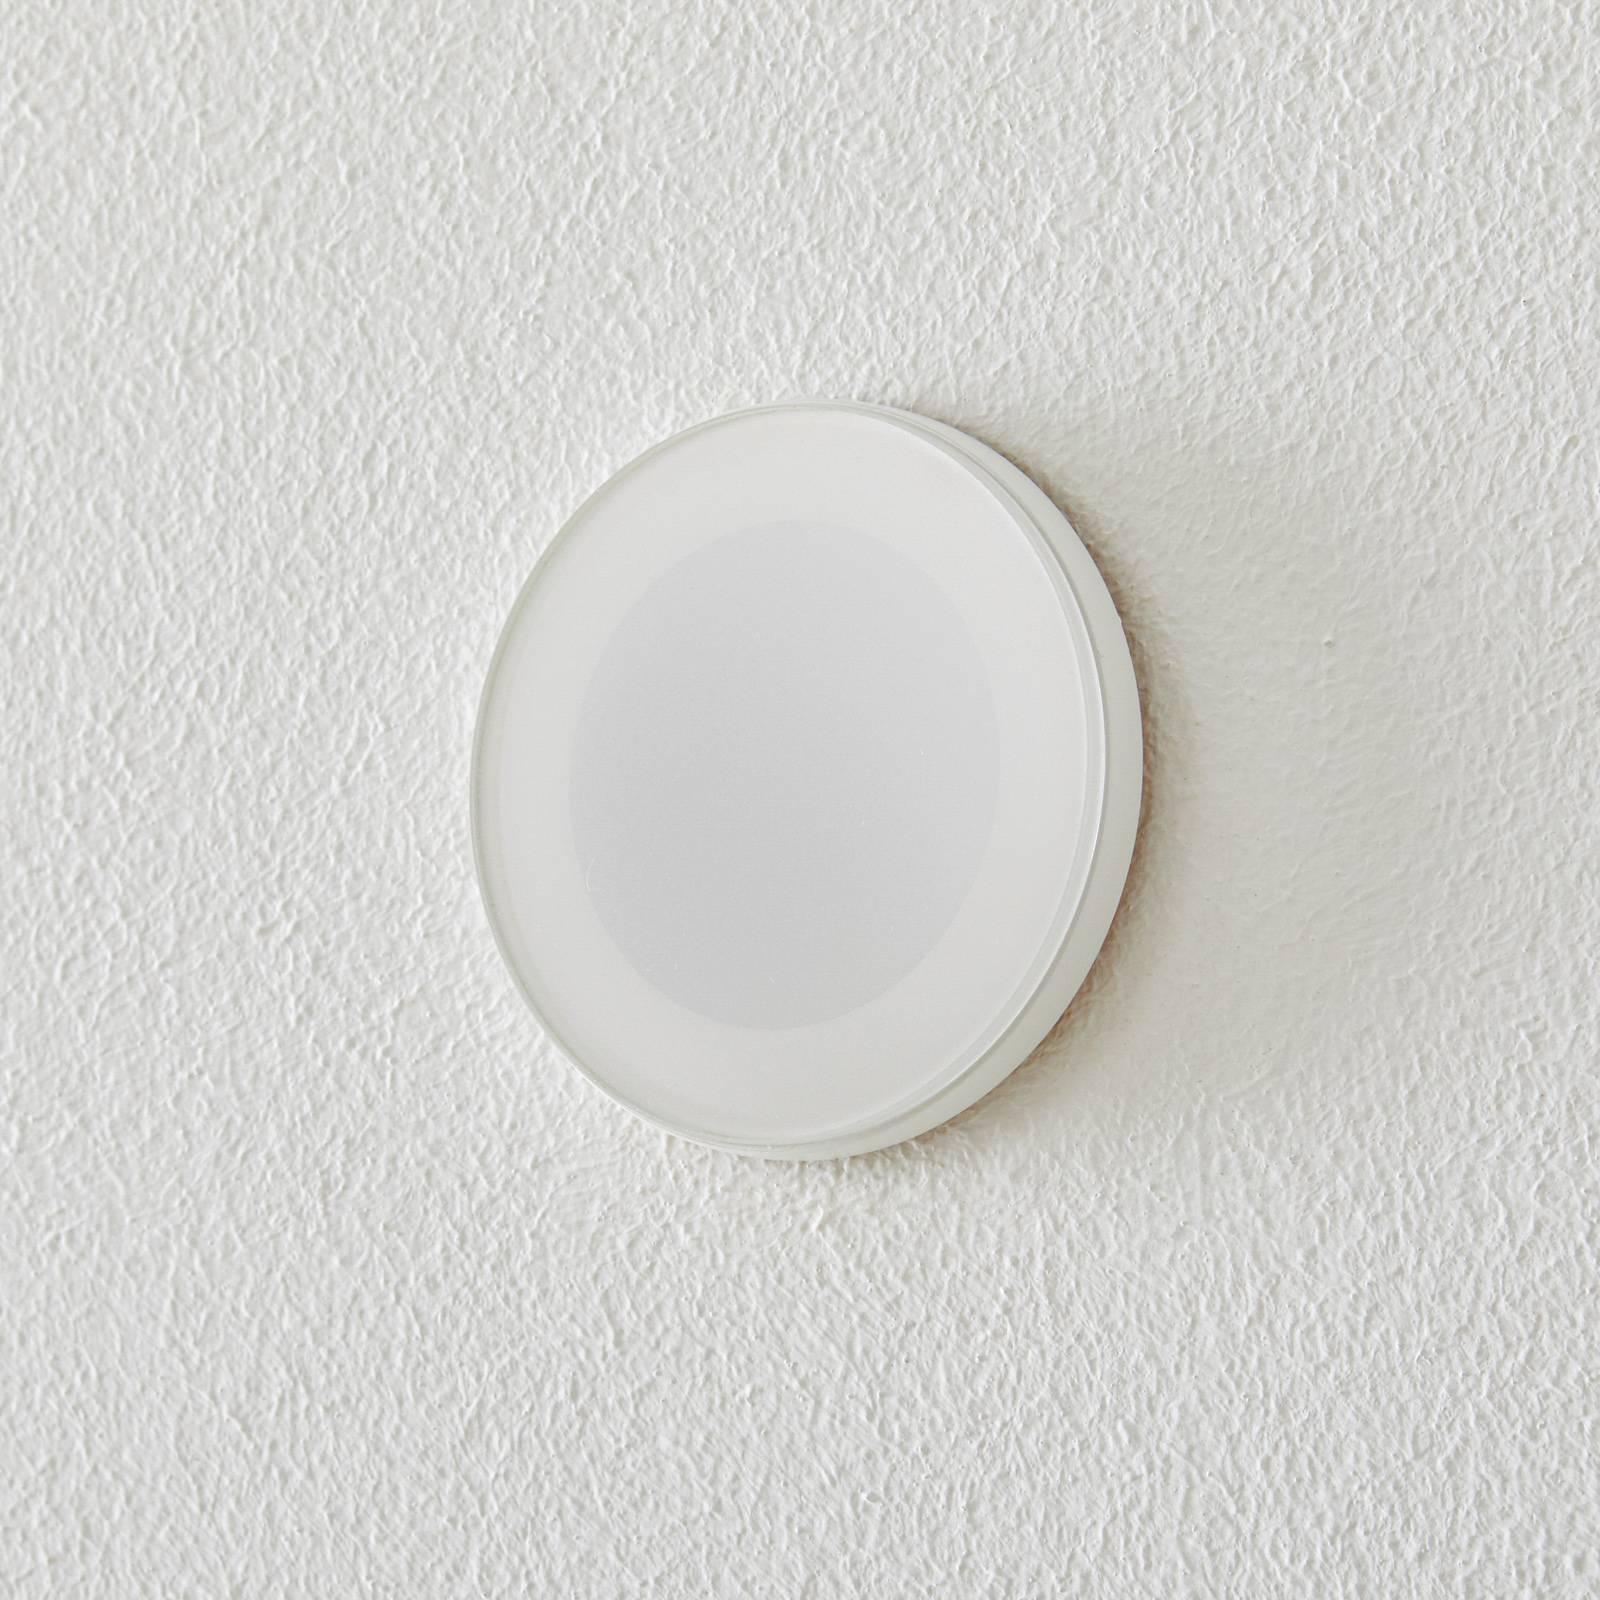 BEGA Accenta seinä pyöreä rengas valkoinen 160lm